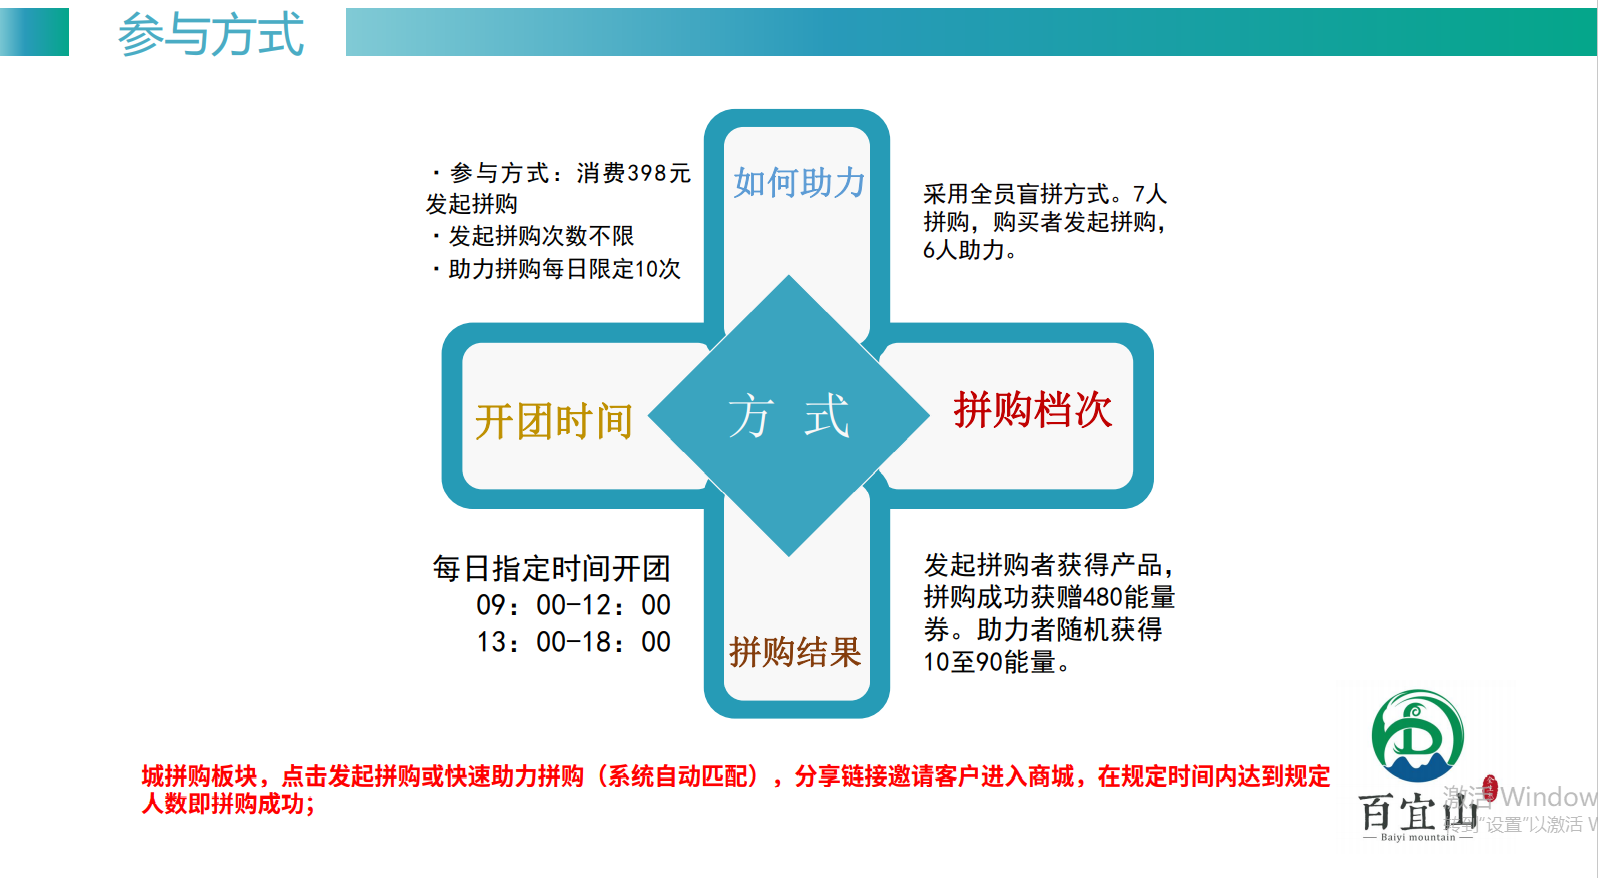 黔唐百宜拼团(全新模式首码招商)上架审核8月初上线首月百万托底必赚